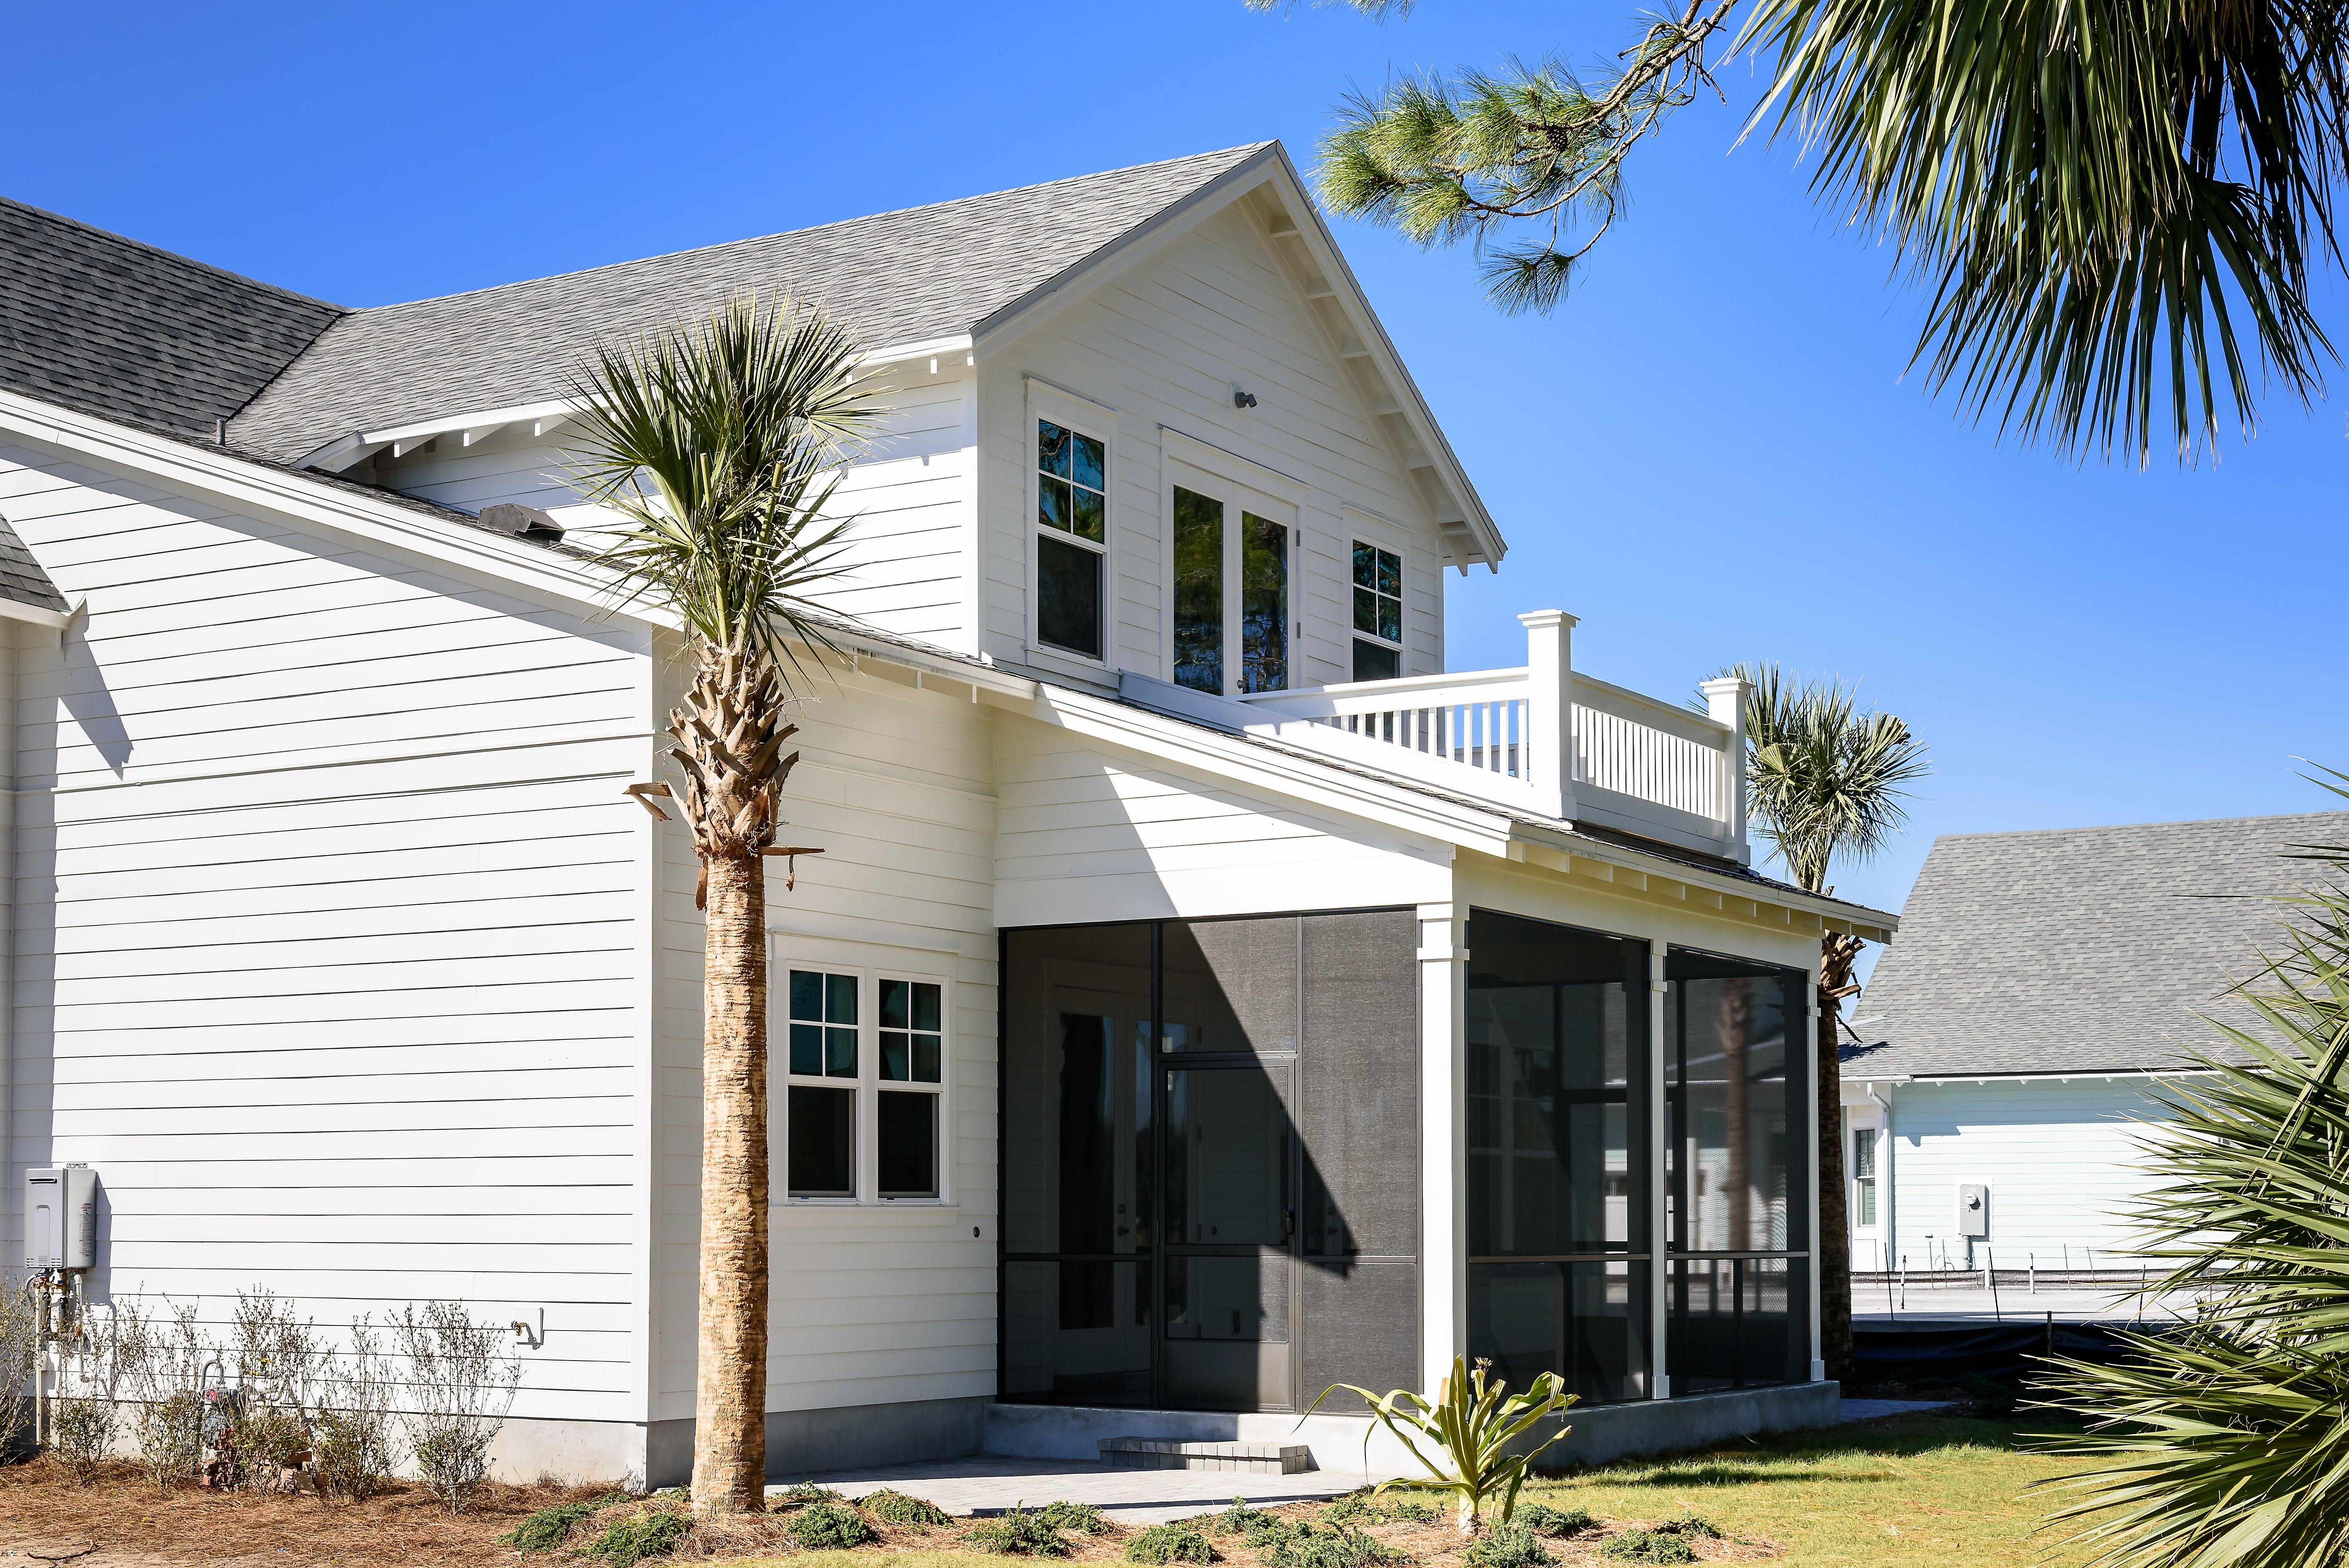 new homes for sale jacksonville beach fl